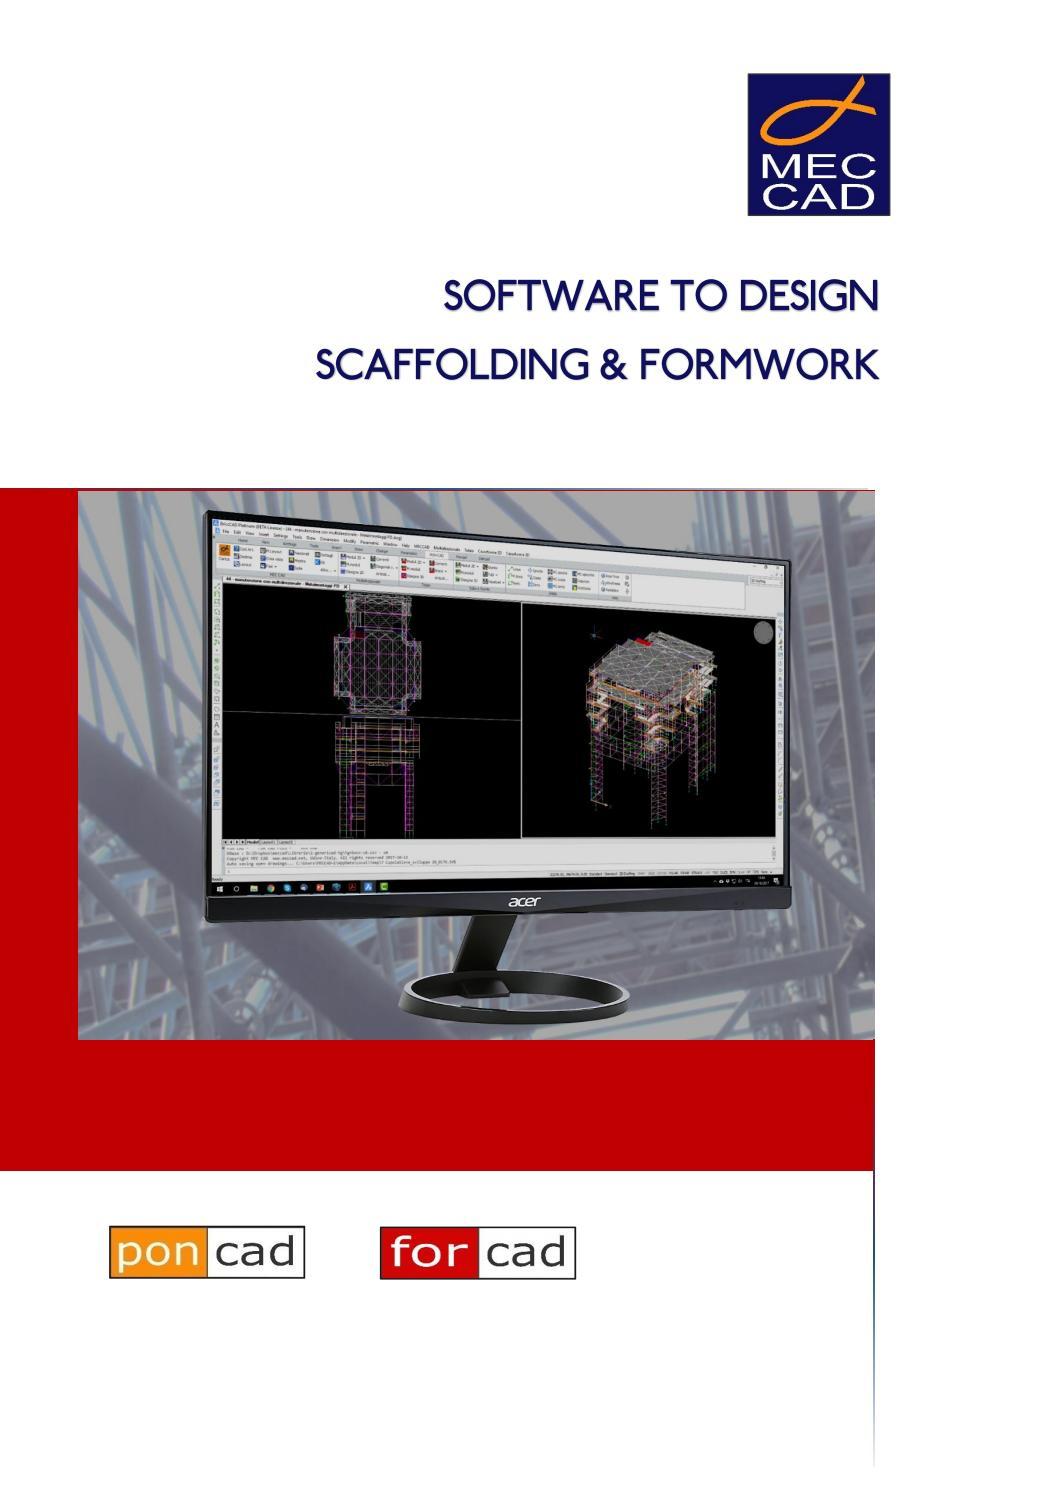 Mec Cad Scaffolding Formwork Design Software By Mec Cad Issuu